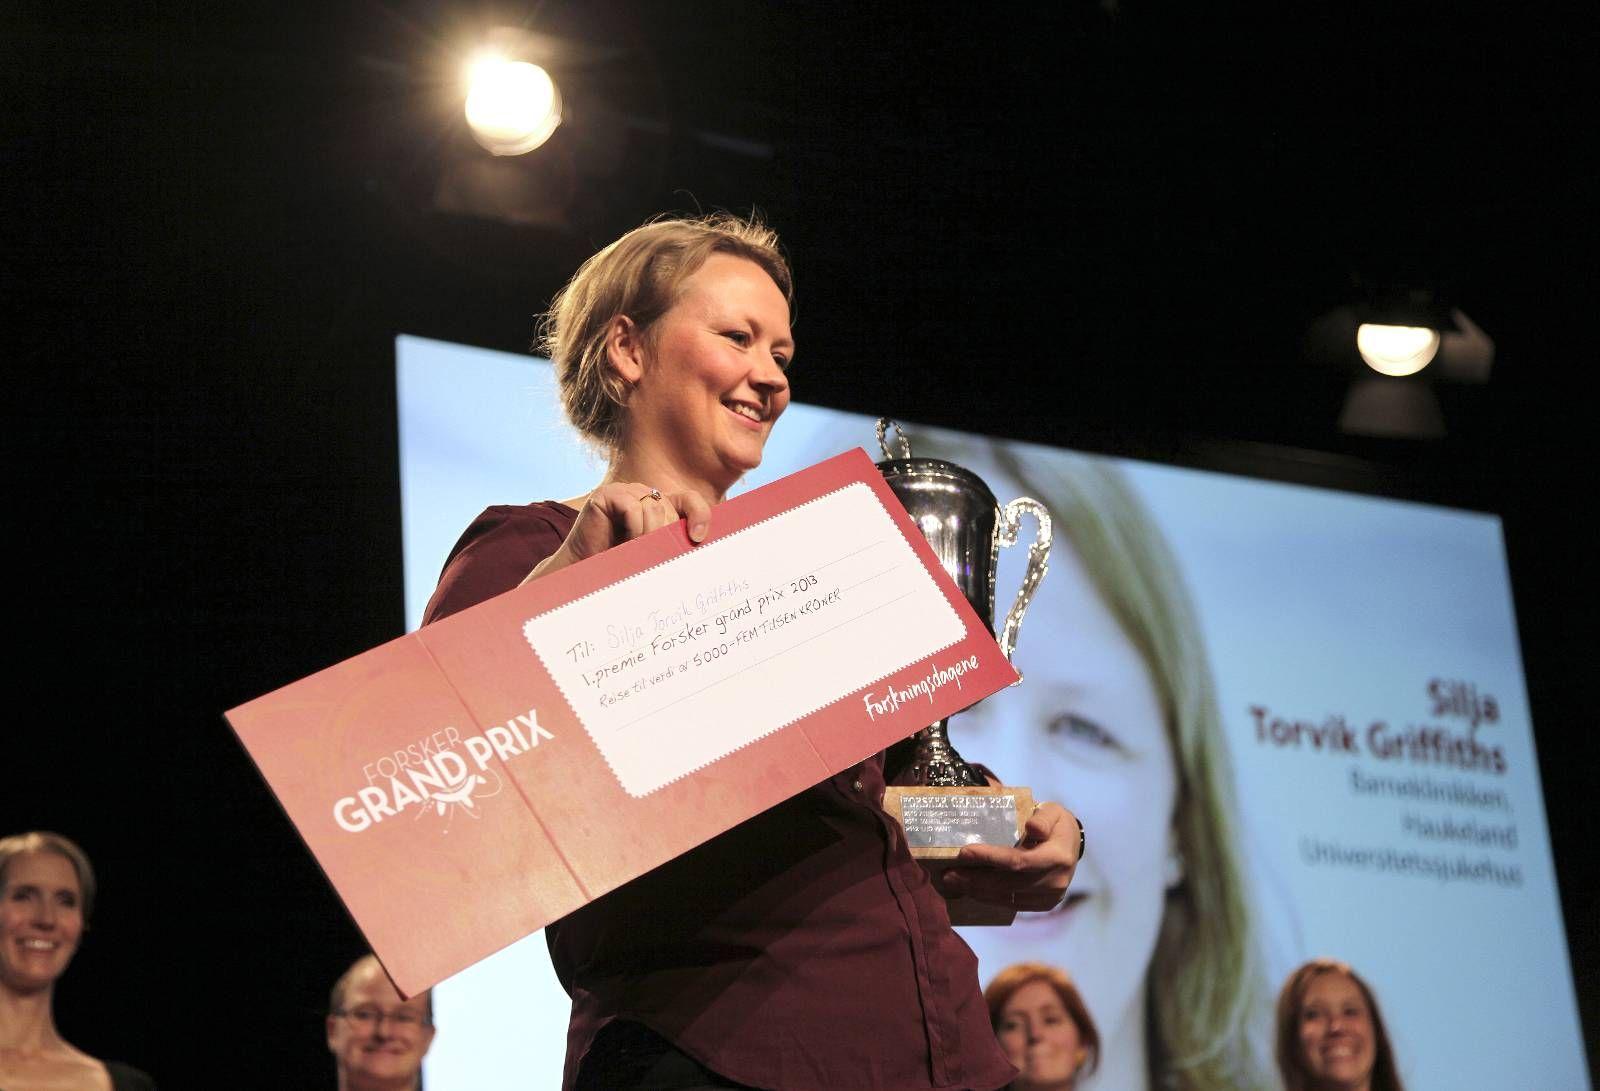 FORSKNINGSDAGENE: Silja Torvik Griffiths (Haukeland Universitetssykehus) viste forskningsformidling på sitt beste da hun vant lørdag Forsker Grand Prix. Norske forskere har generelt mye å lære.